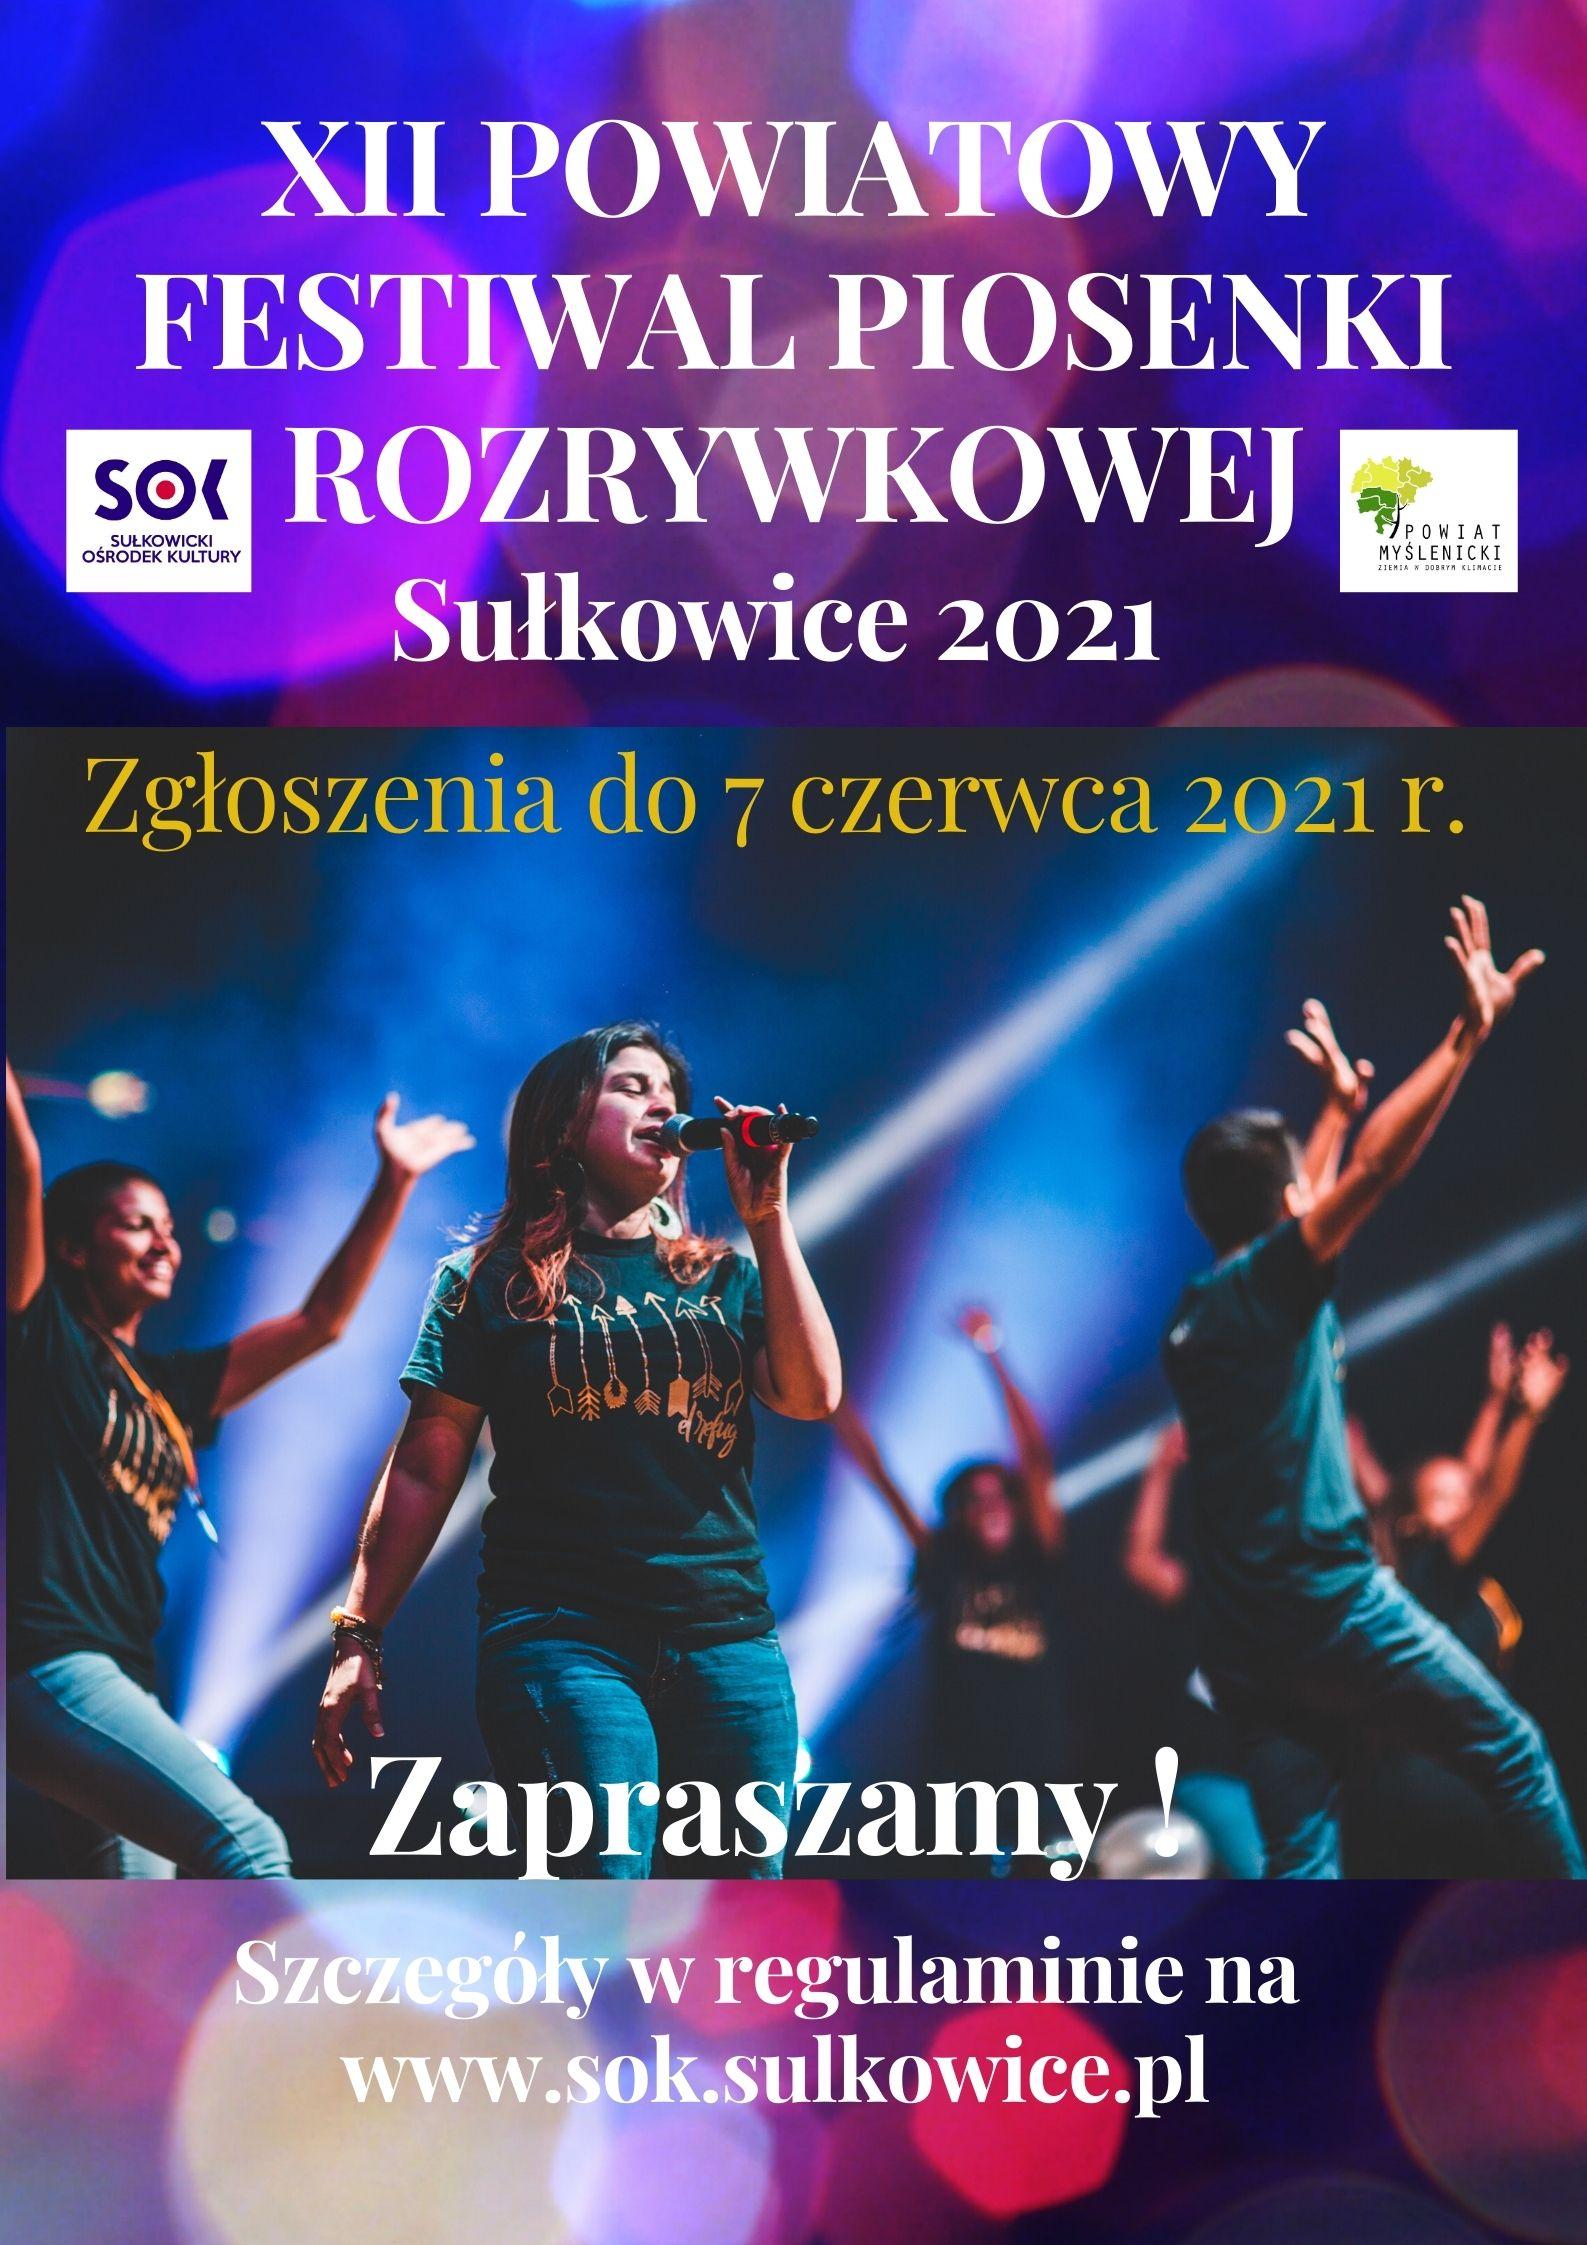 SOK zaprasza do udziału w konkursie